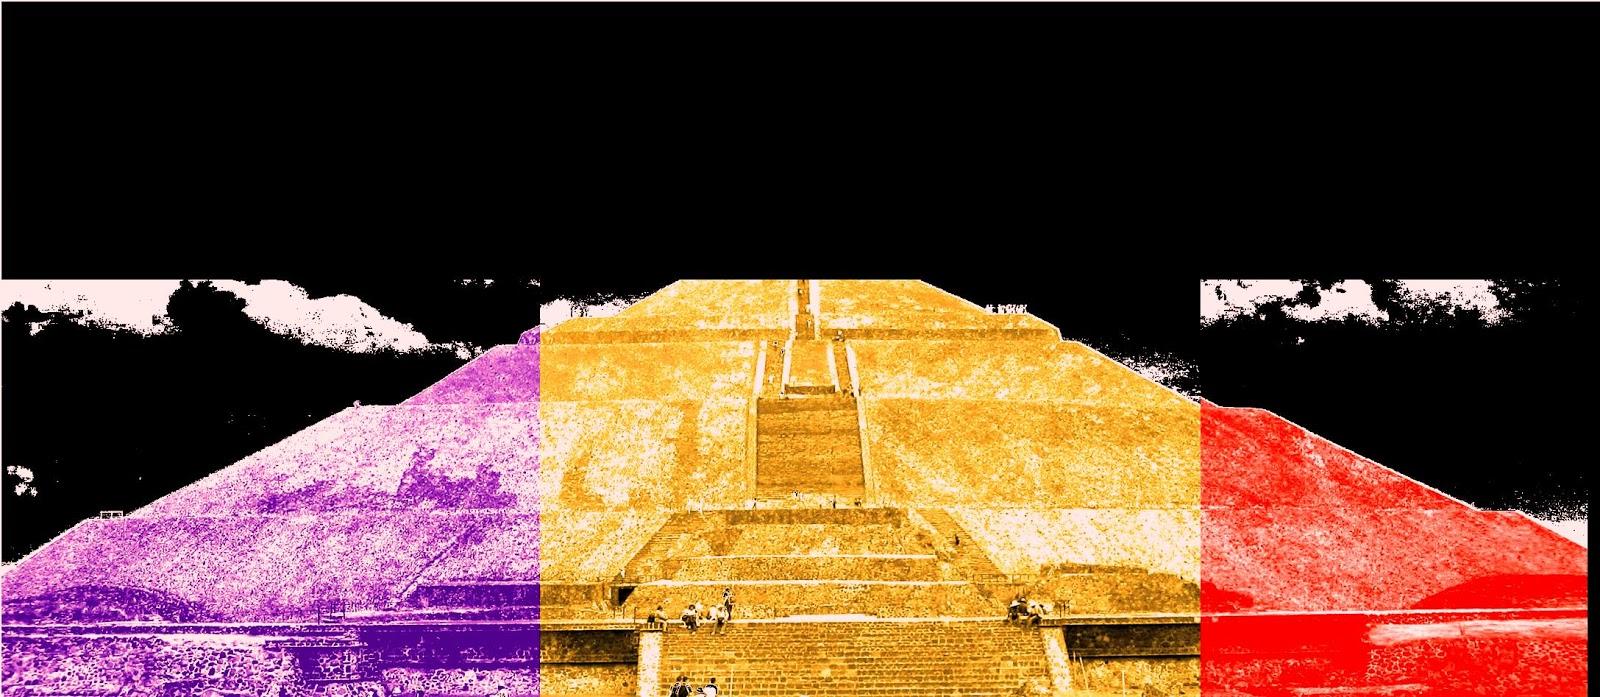 Teotihuacan en l nea resplandor teotihuacano podr a ser for Espectaculo de luz y sonido en teotihuacan